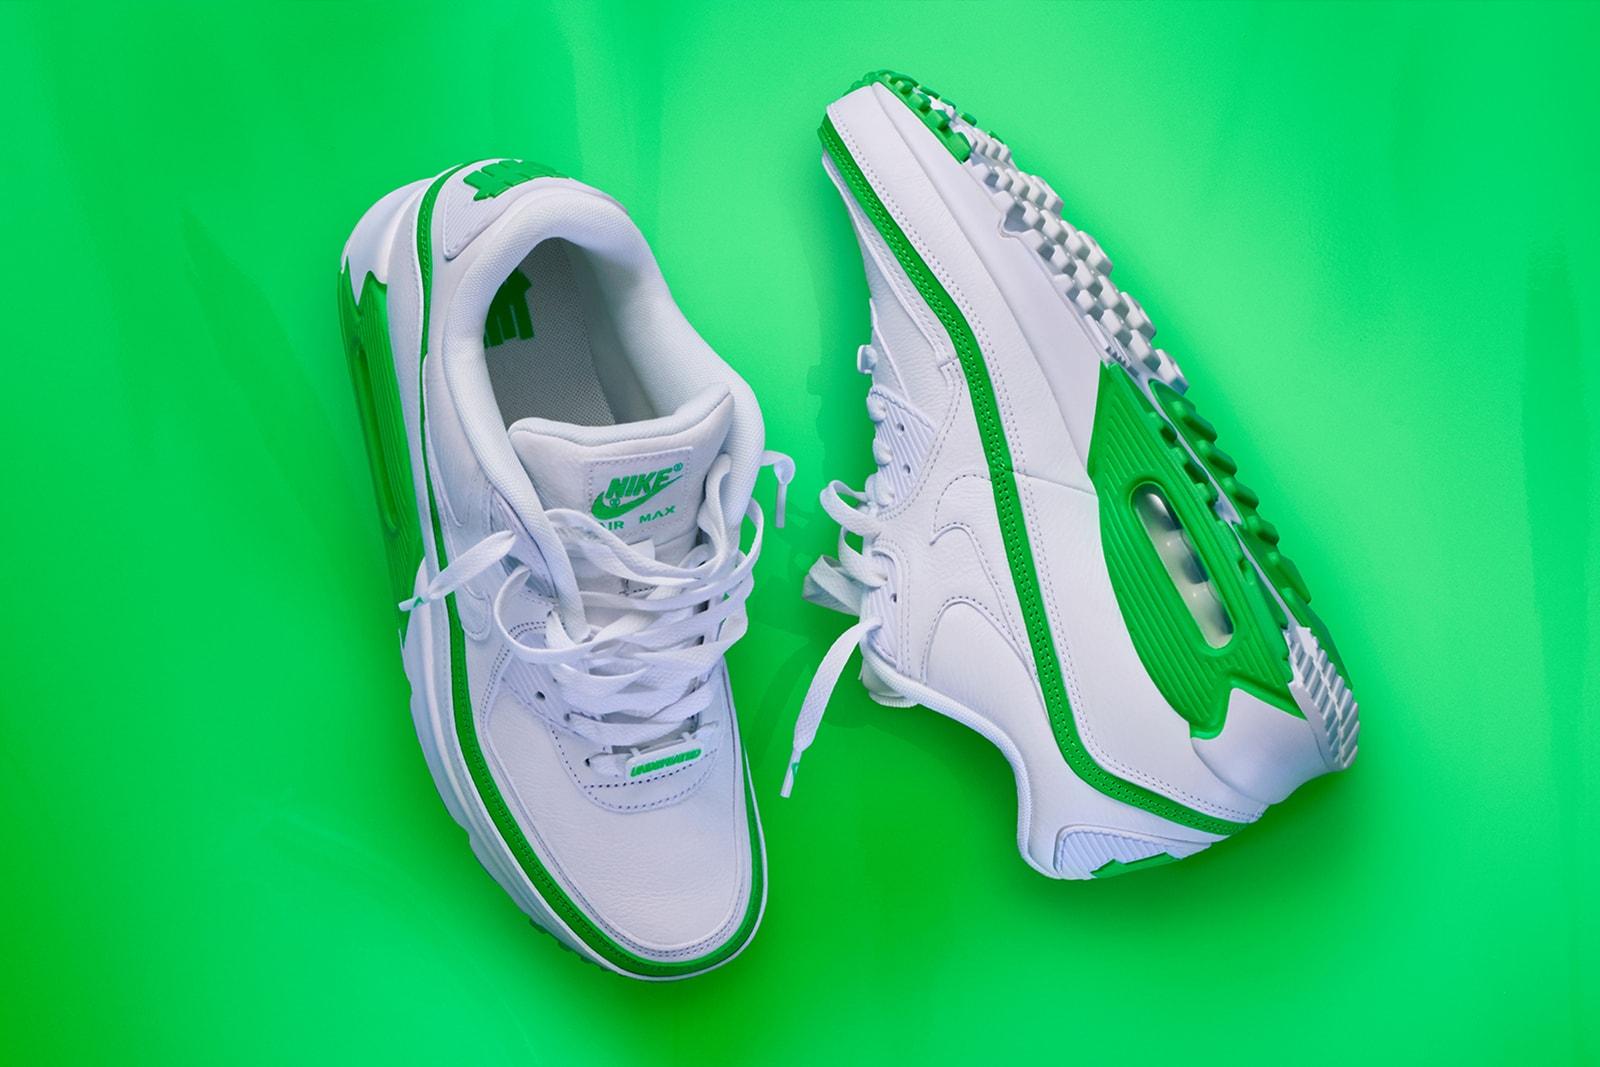 ナイキ x アンディフィーテッド Nike x UNDEFEATED による最新コラボ Air Max 90 の正式発売情報が解禁